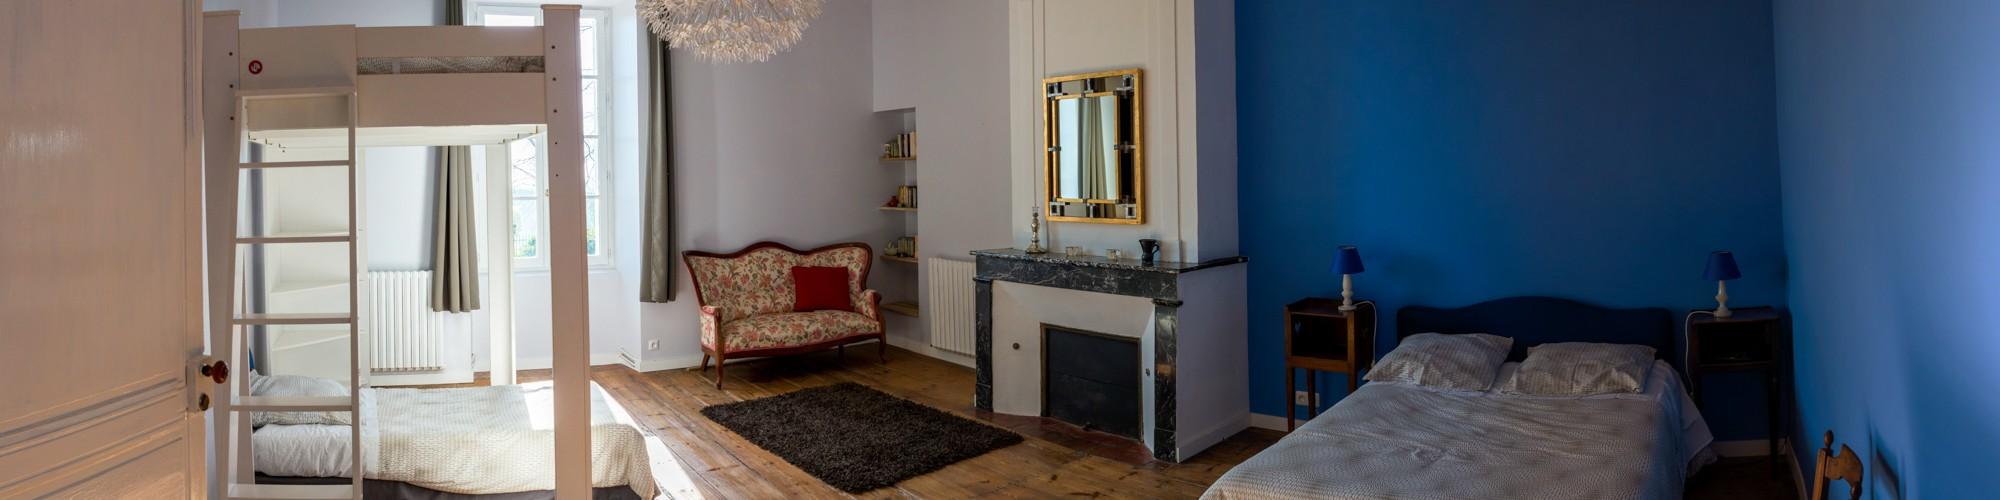 Chambre Bleue (2 lits doubles + 1 lit simple)